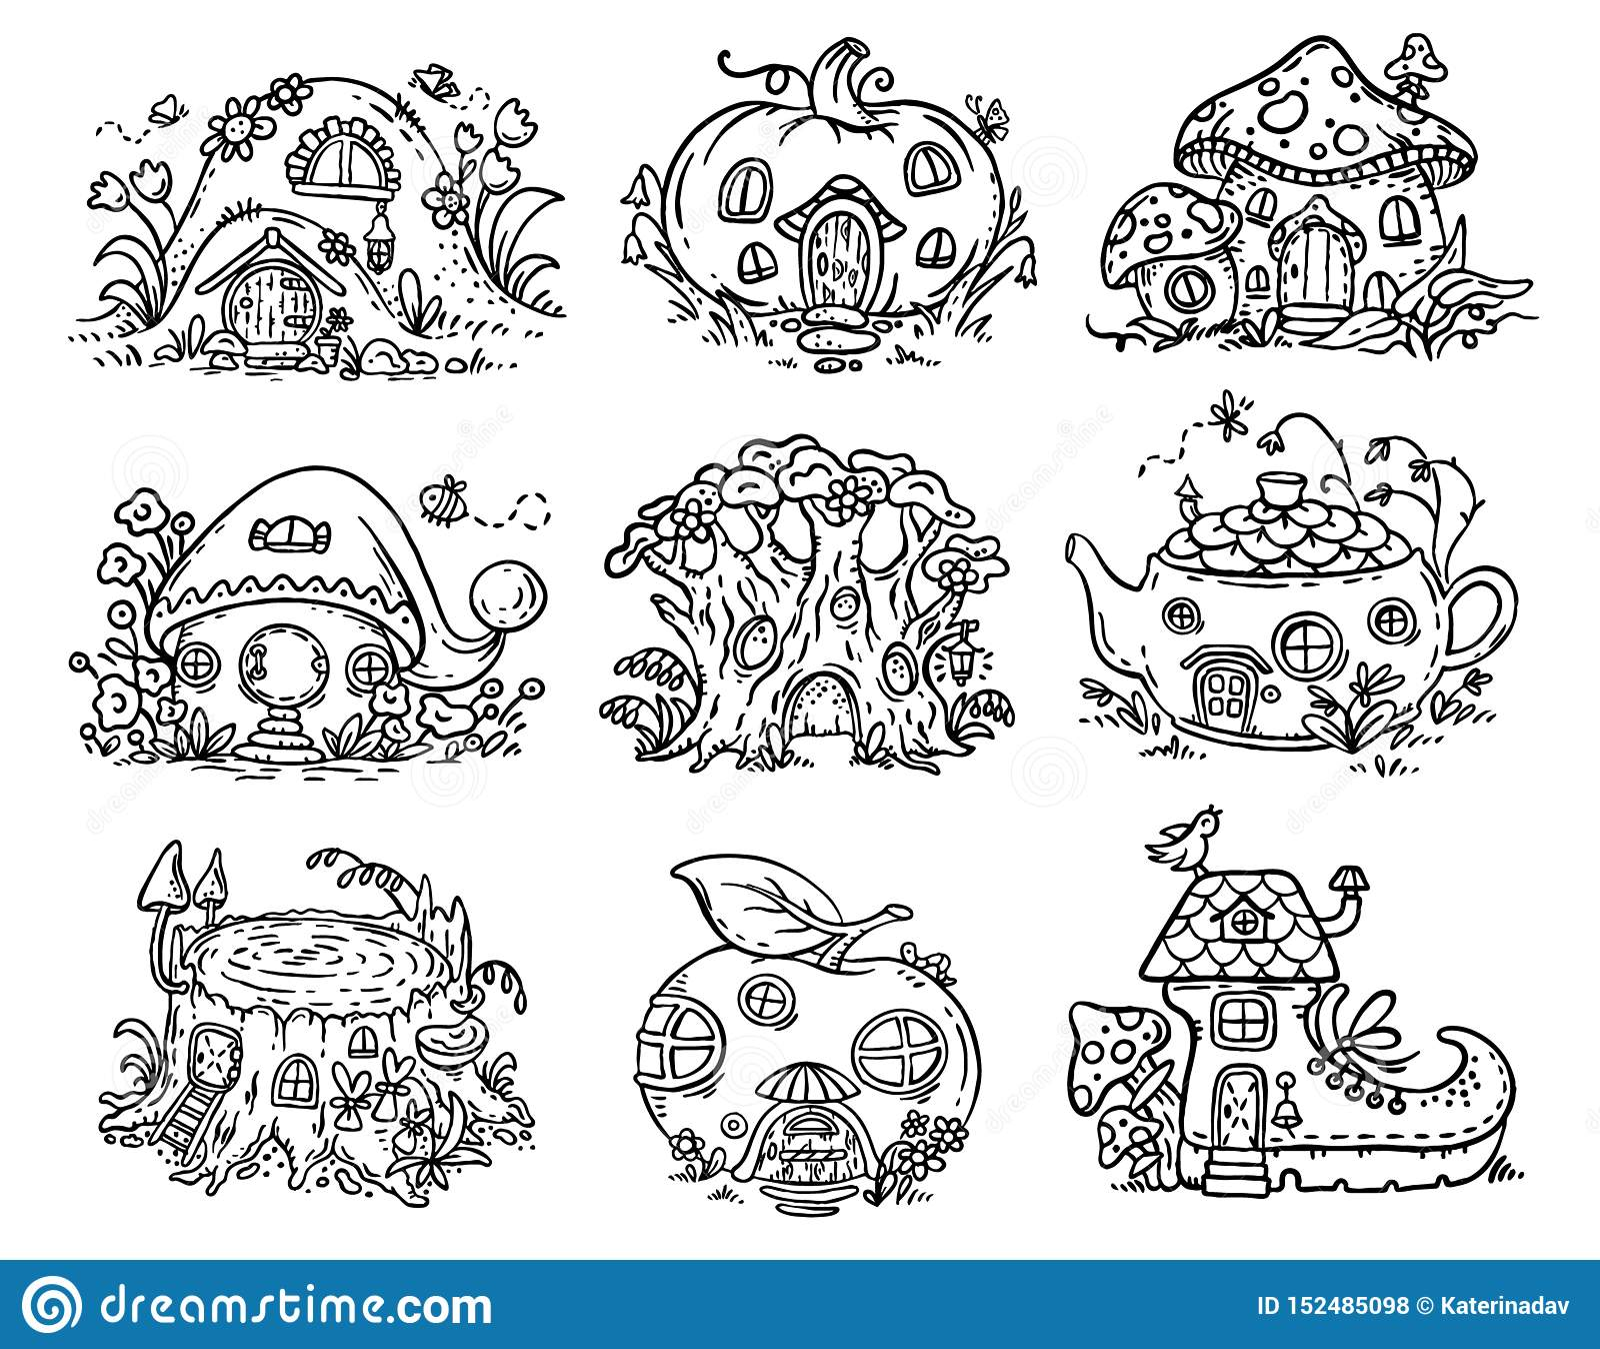 La bande dessinée mignonne les maisons elven, féerique ou de gnome sous forme de potiron, arbre, théière, botte, pomme, champigno